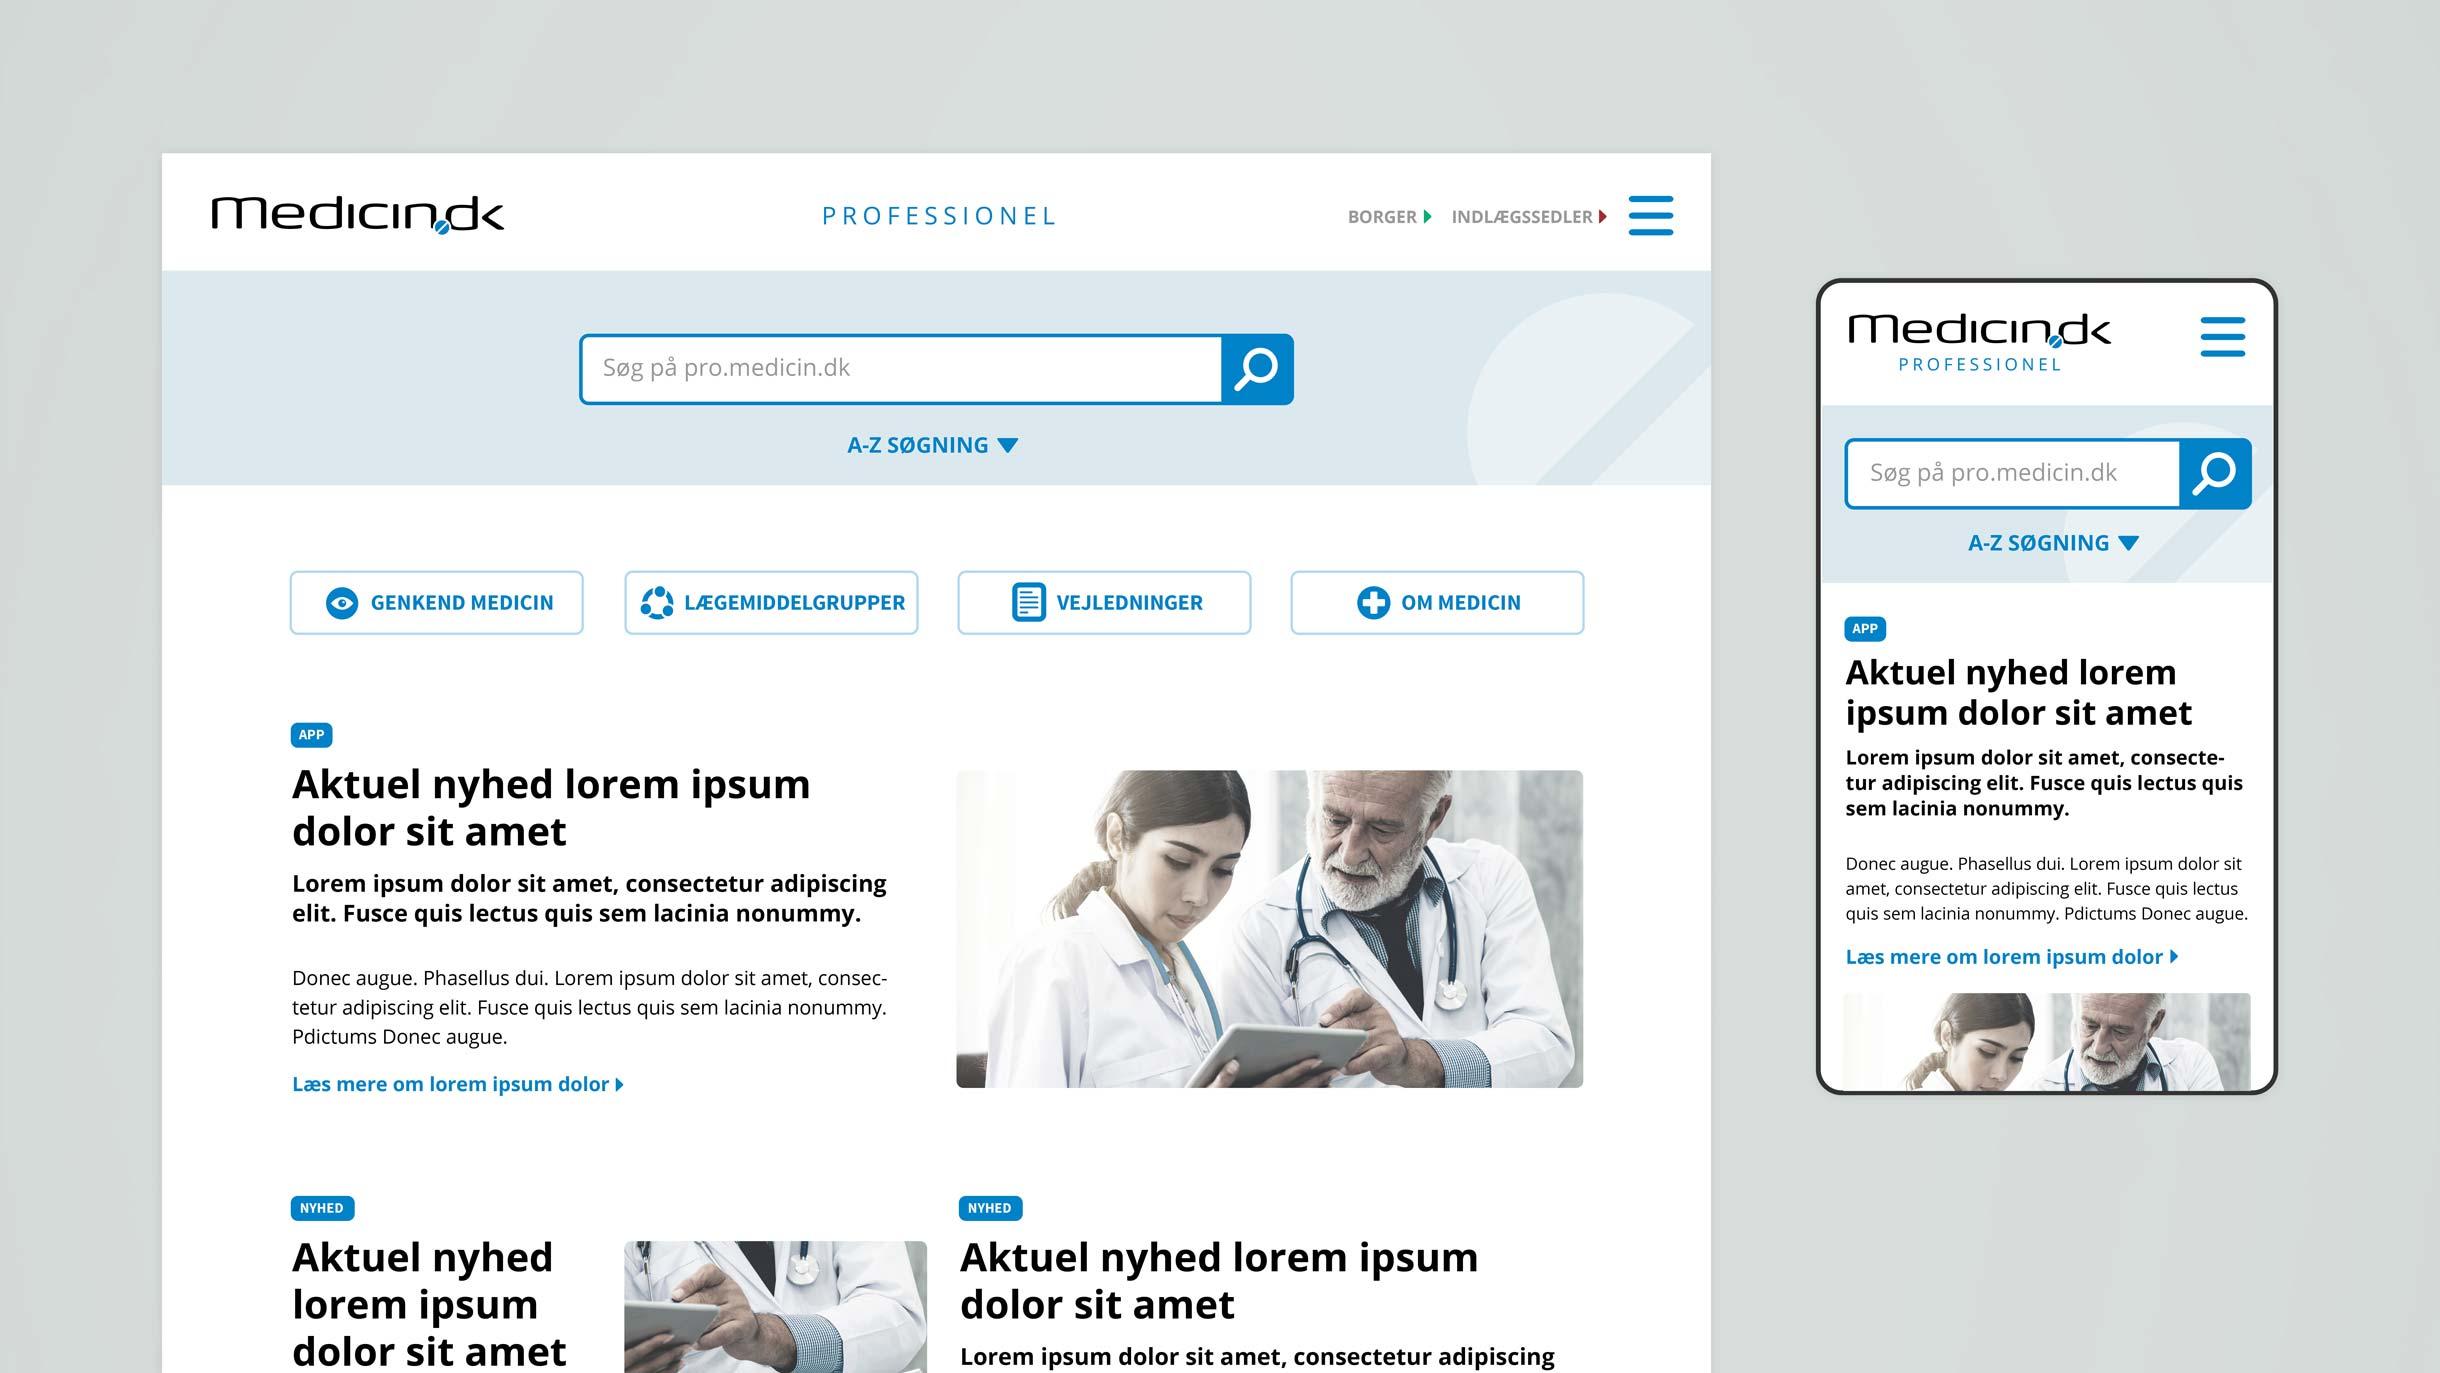 medicin.dk_ID7